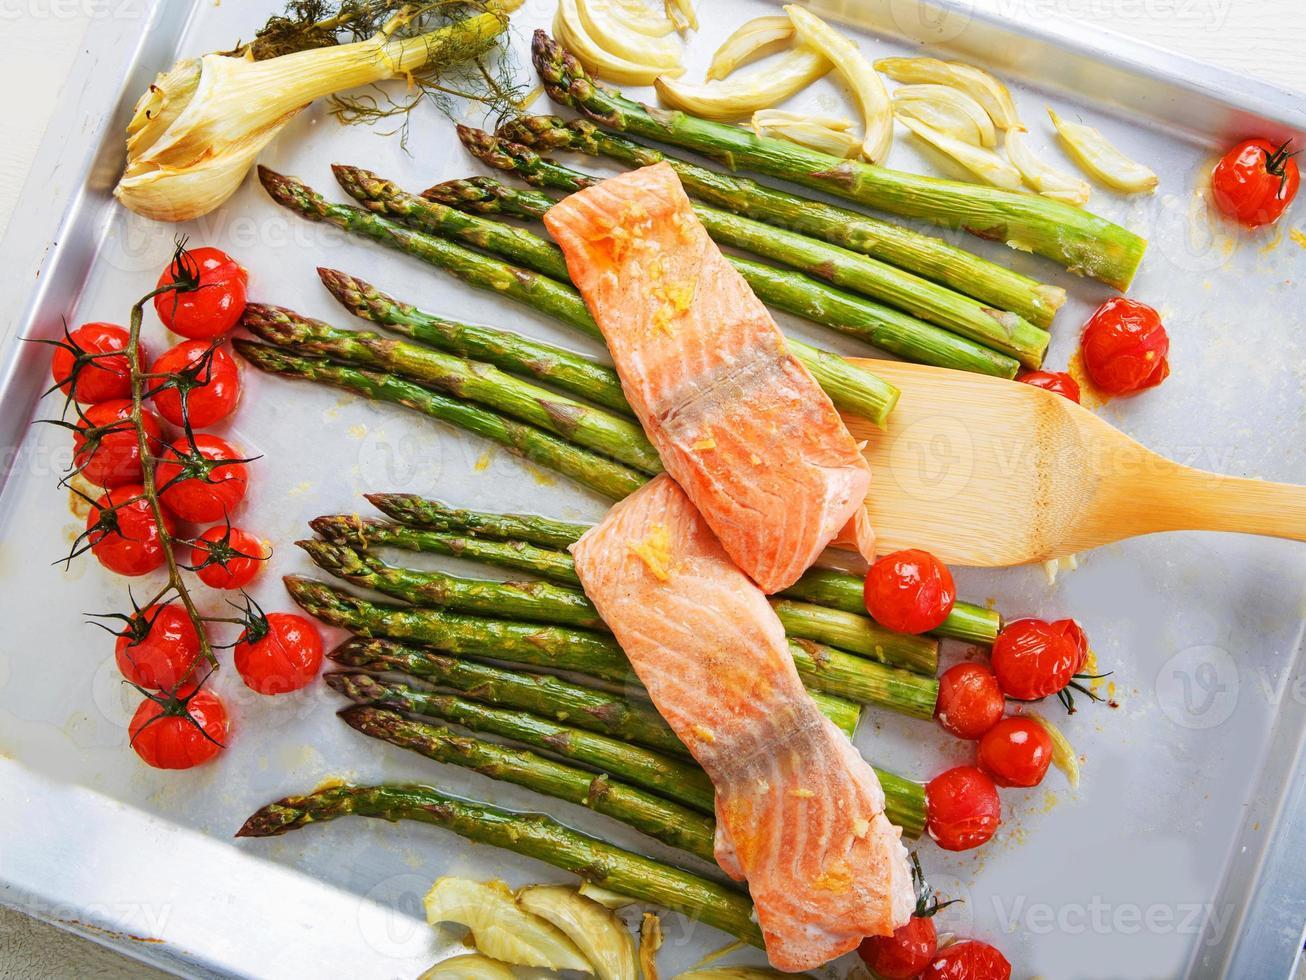 laxfisk och grön sparris, körsbärstomater, fänkål foto